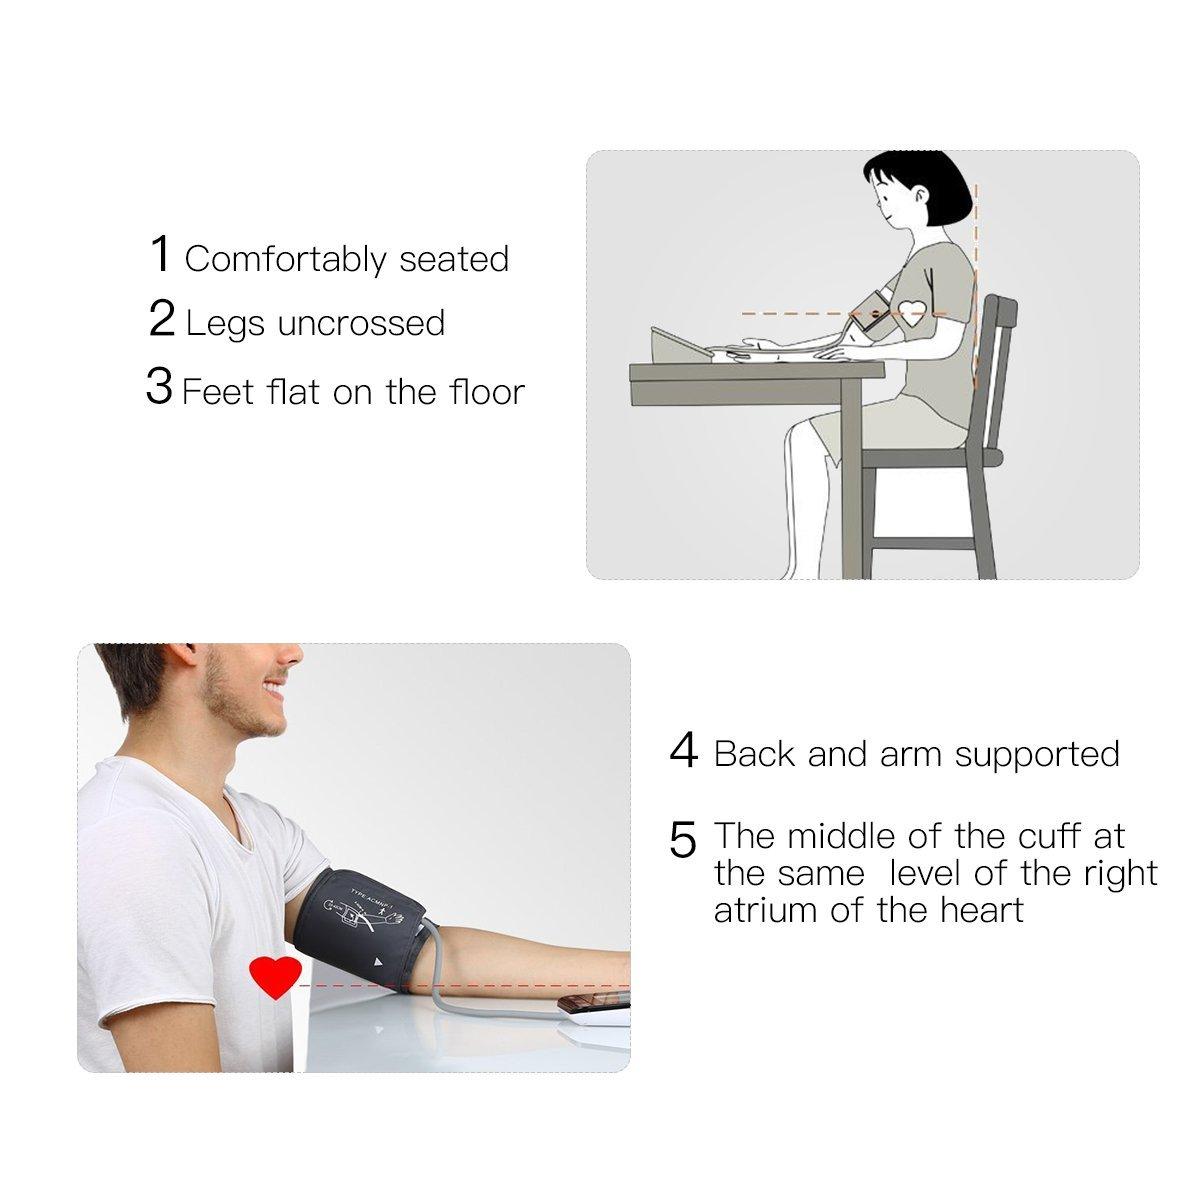 Tensiómetro de Brazo Digital (2 * 90), COULAX Certifica FDA, Lecturas de Presión Arterial Rápidas, Cómodas y Precisas.: Amazon.es: Salud y cuidado personal